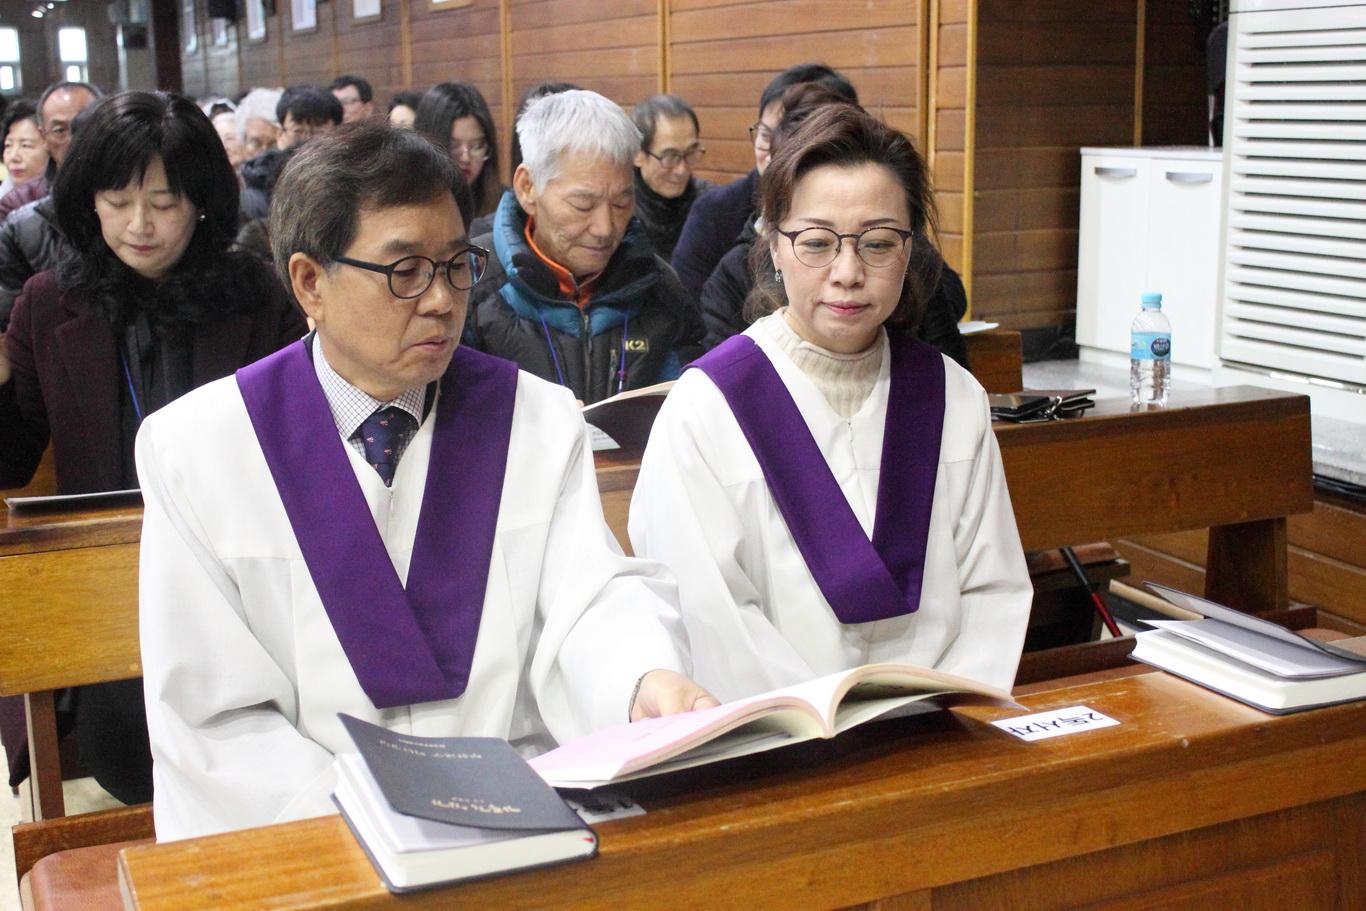 2019-12-15 세례식 (085)_크기변경.JPG